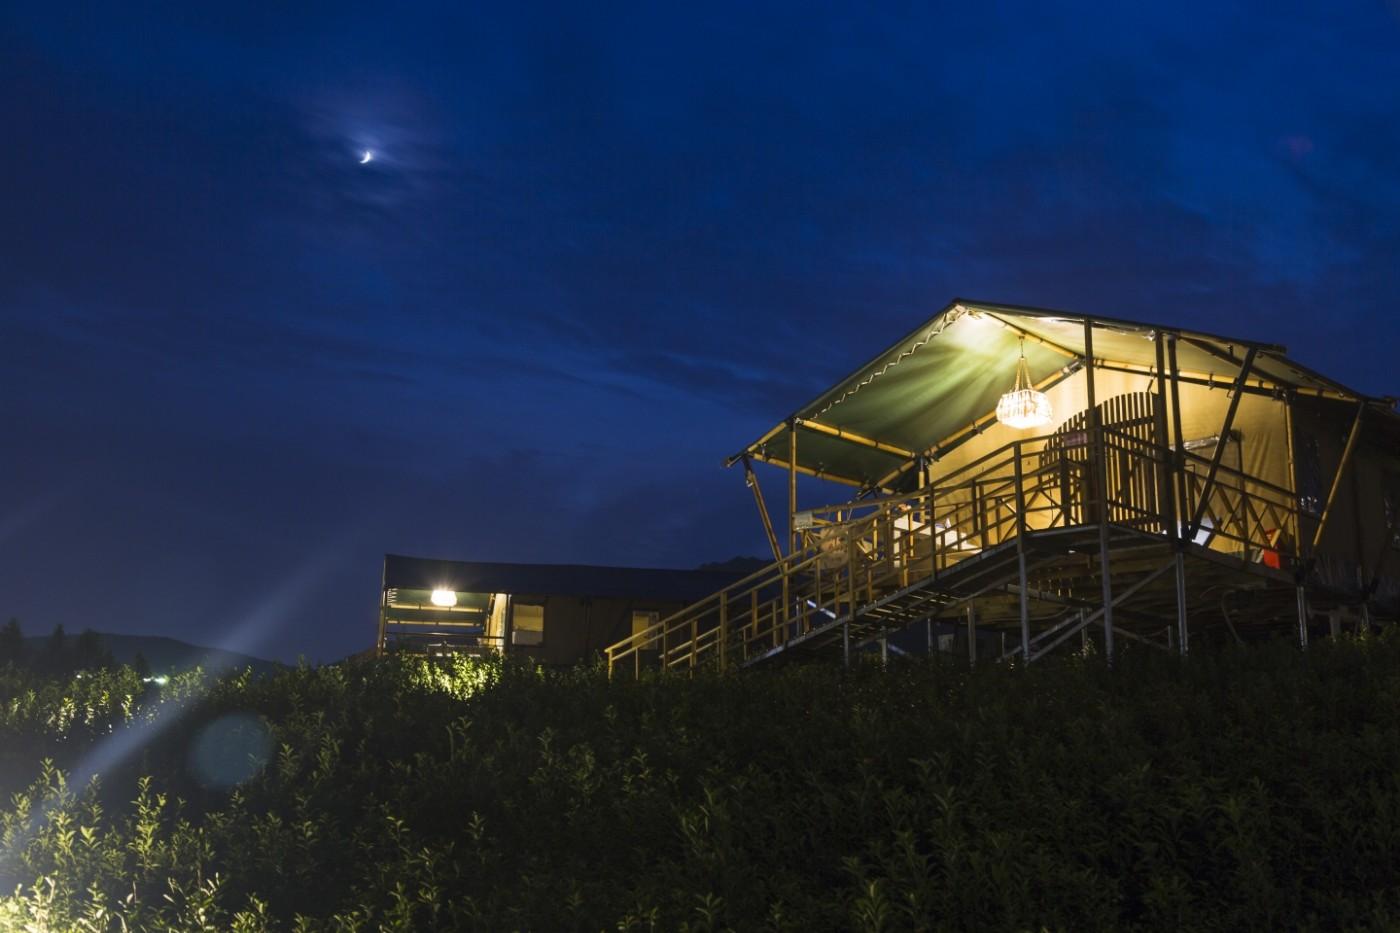 喜马拉雅野奢帐篷酒店—宝盛园夜色18